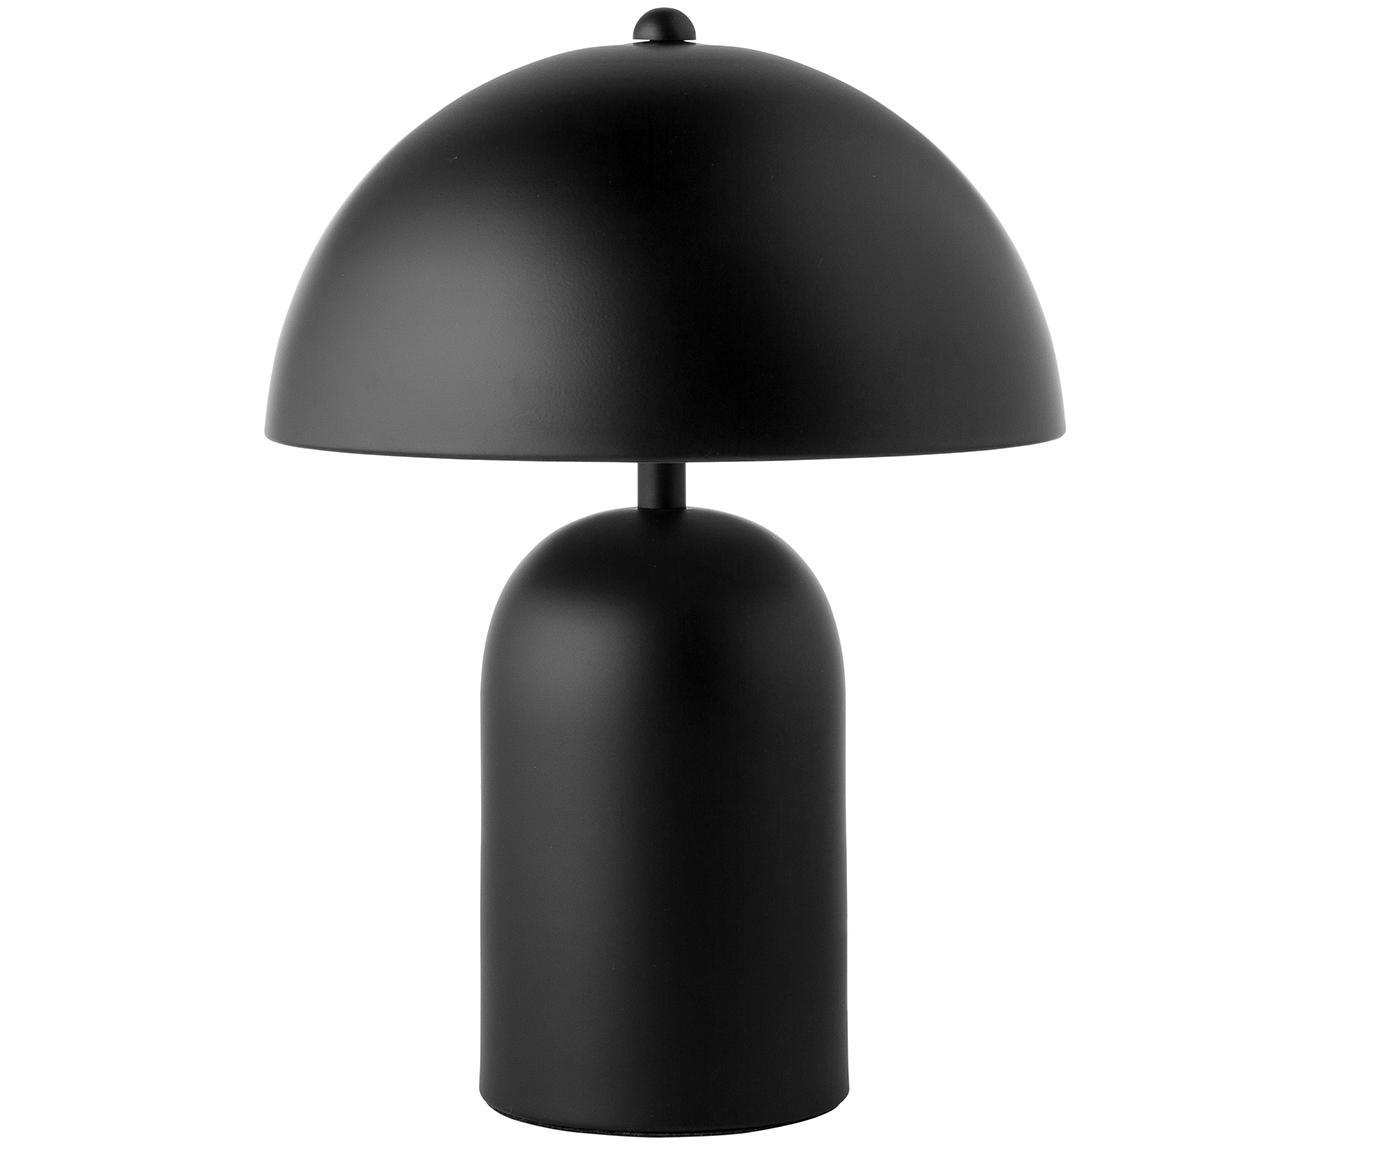 Tafellamp Walter, Lampenkap: metaal, Lampvoet: metaal, Mat zwart, Ø 25 x H 33 cm